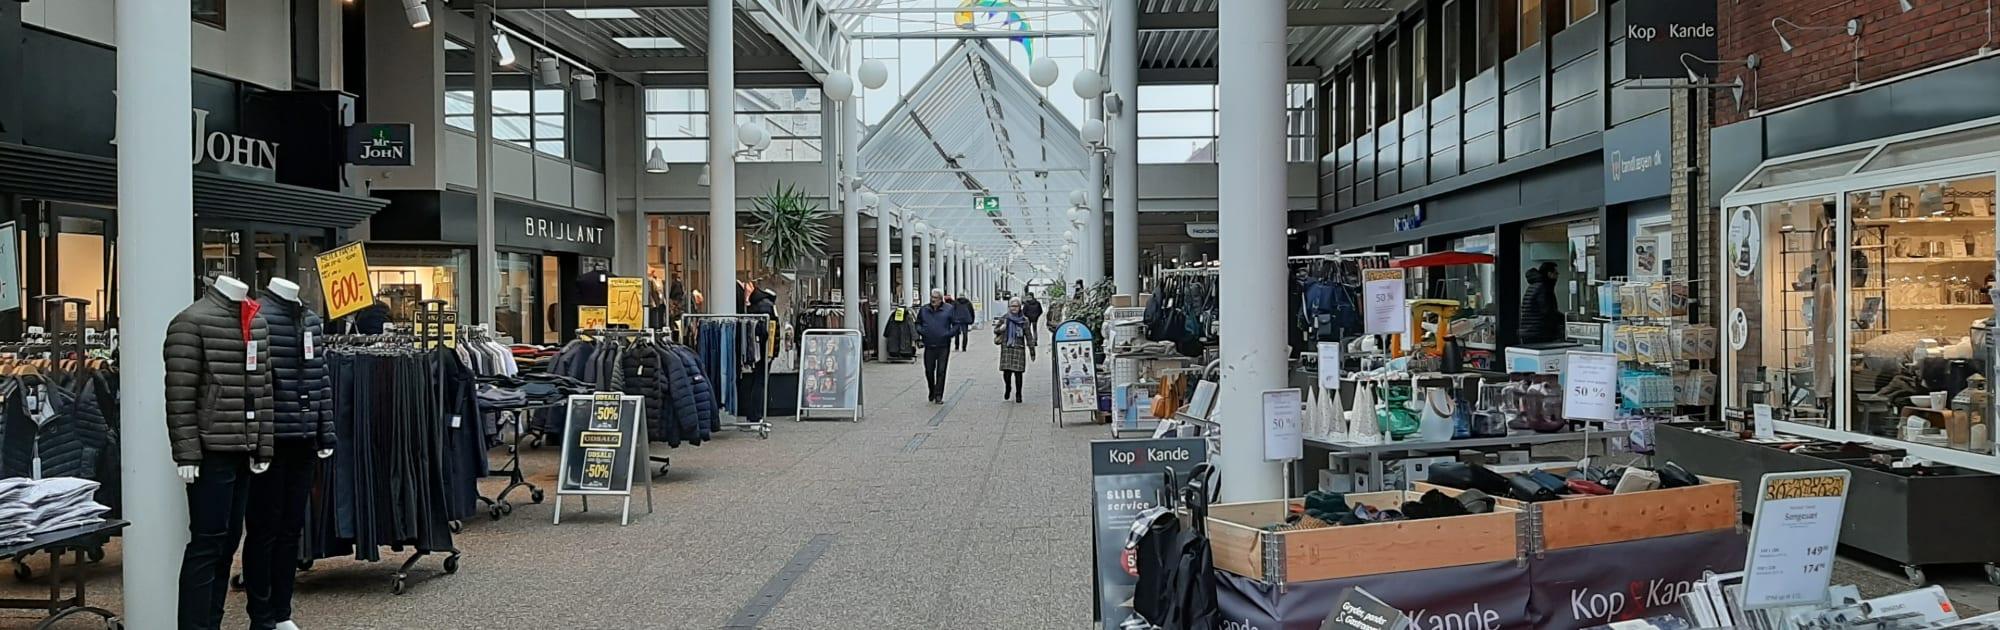 bystrategi-udvikling-af-Ikast-bymidte-banner